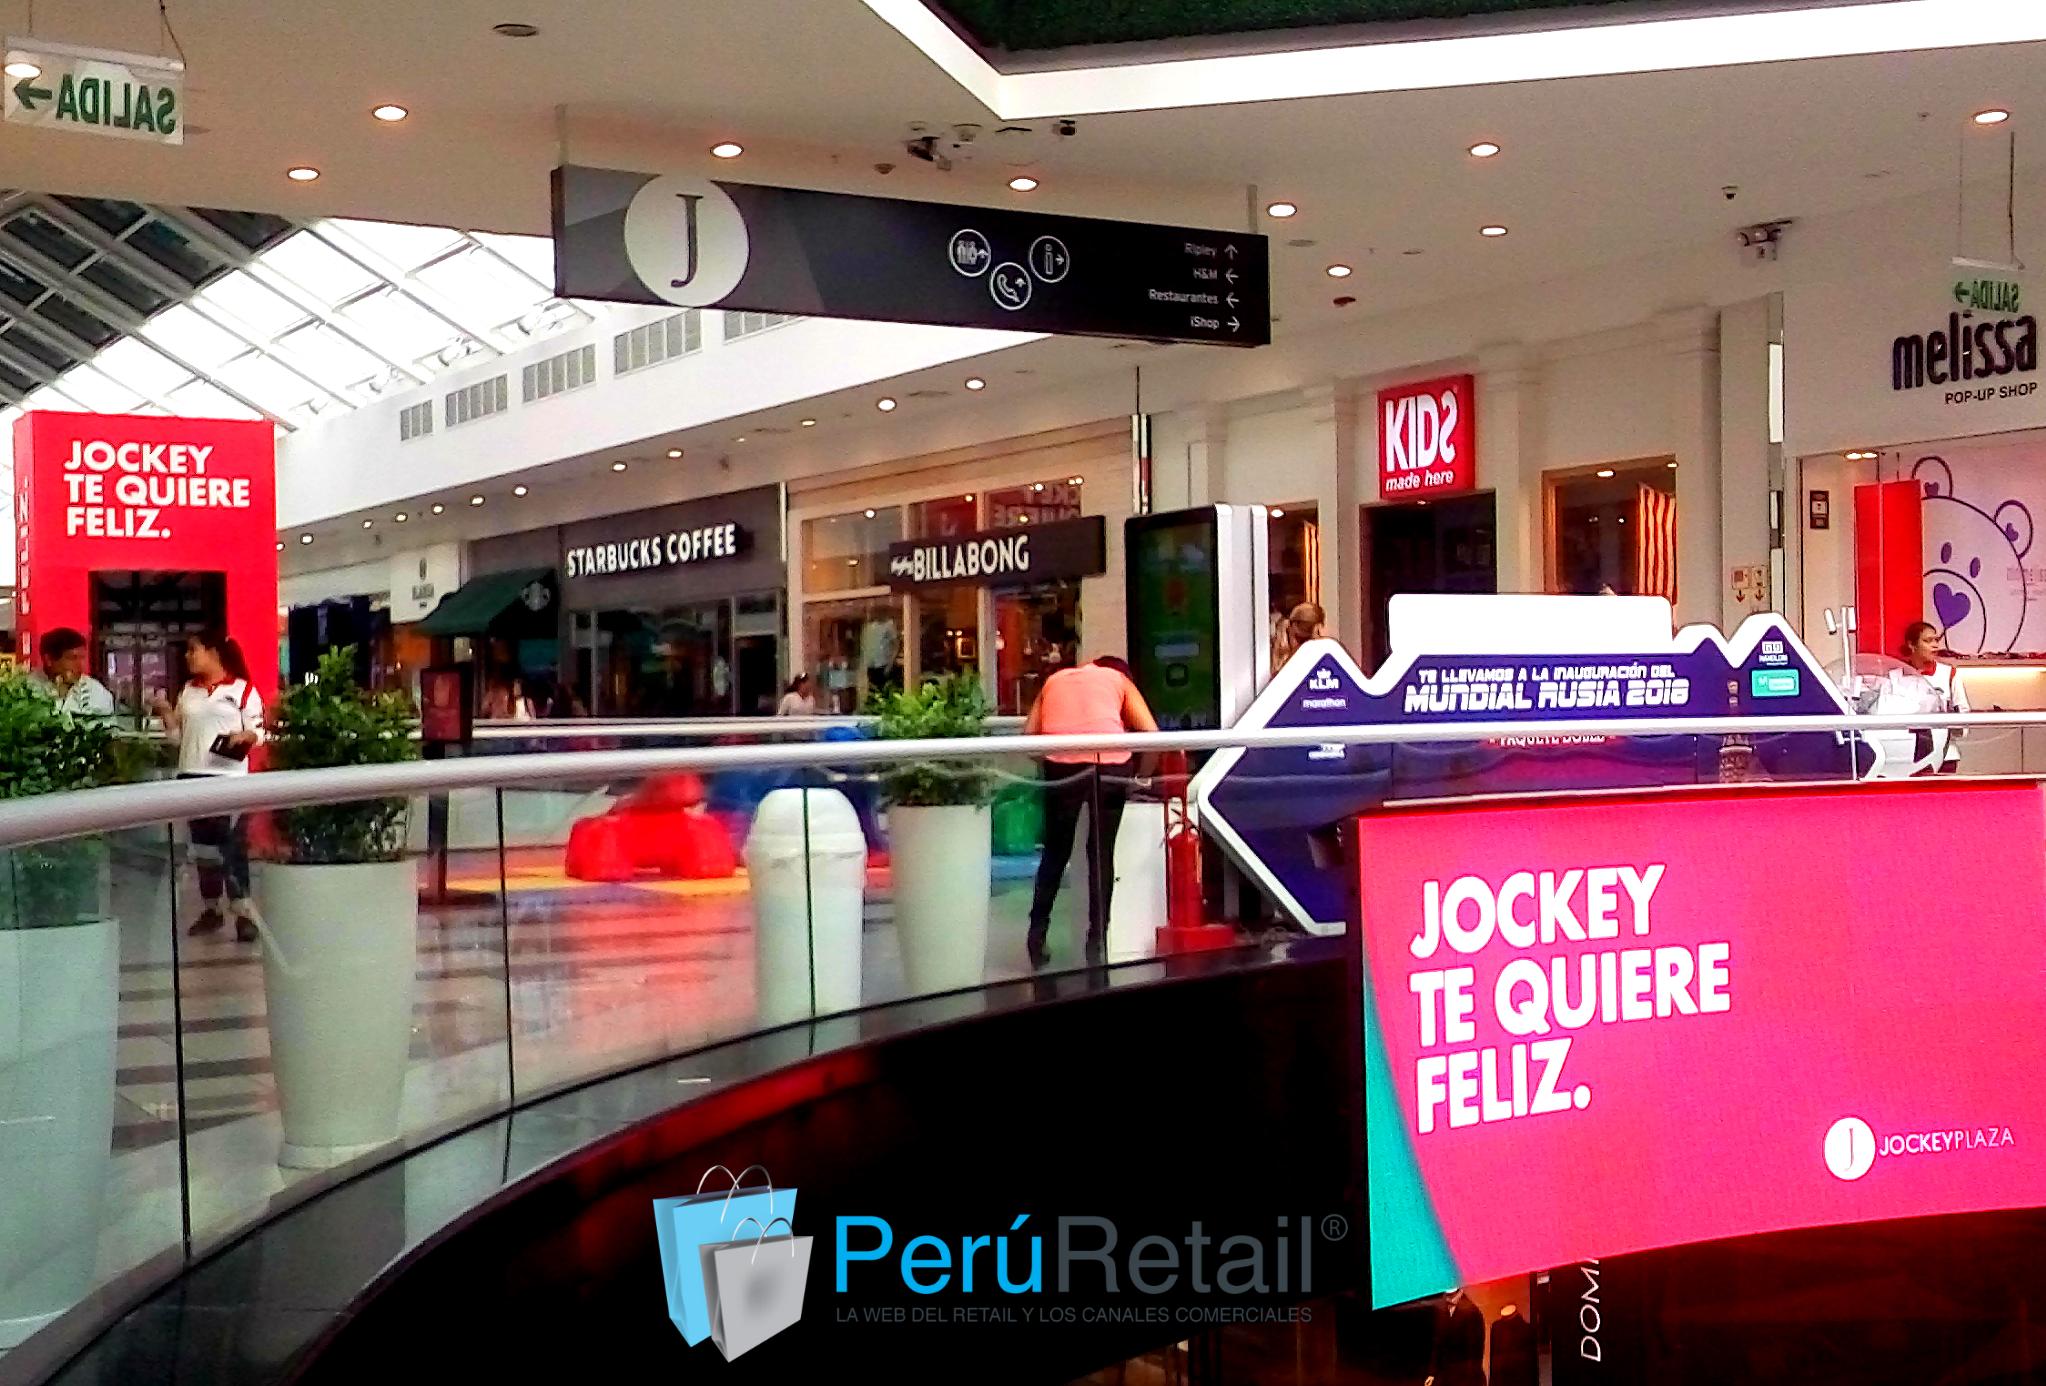 pasillo central 1 Peru Retail - Jockey Plaza suma nuevos locatarios mientras que otros se renuevan